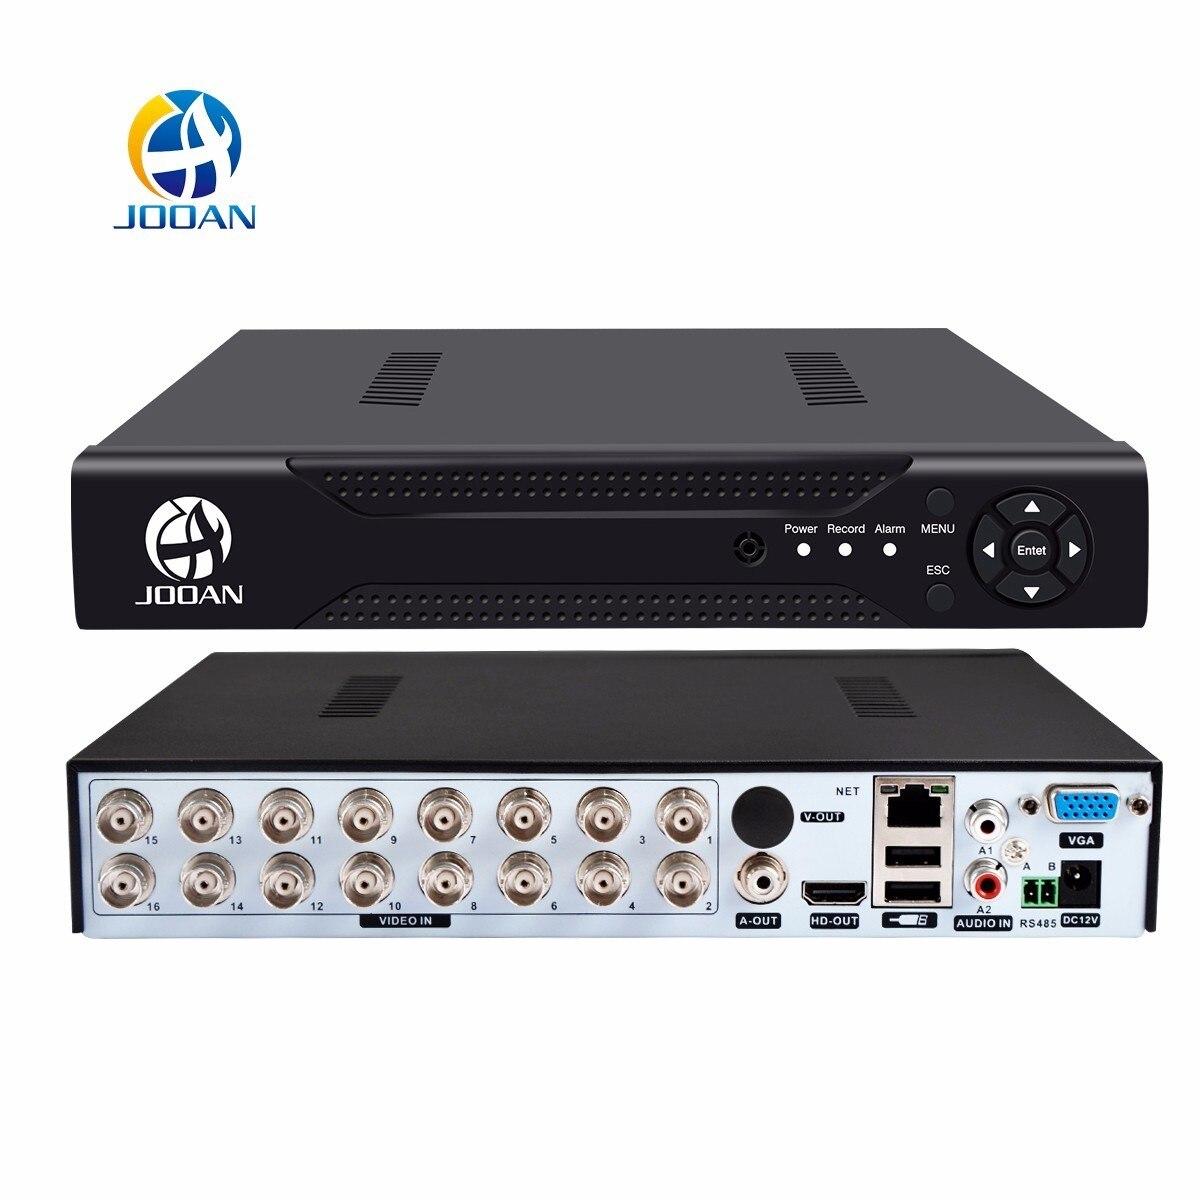 JOOAN 4216 т 16CH видеонаблюдения DVR H.264 HD-OUT P2P облако видеомагнитофон дома видеонаблюдения CCTV цифровой видеомагнитофон